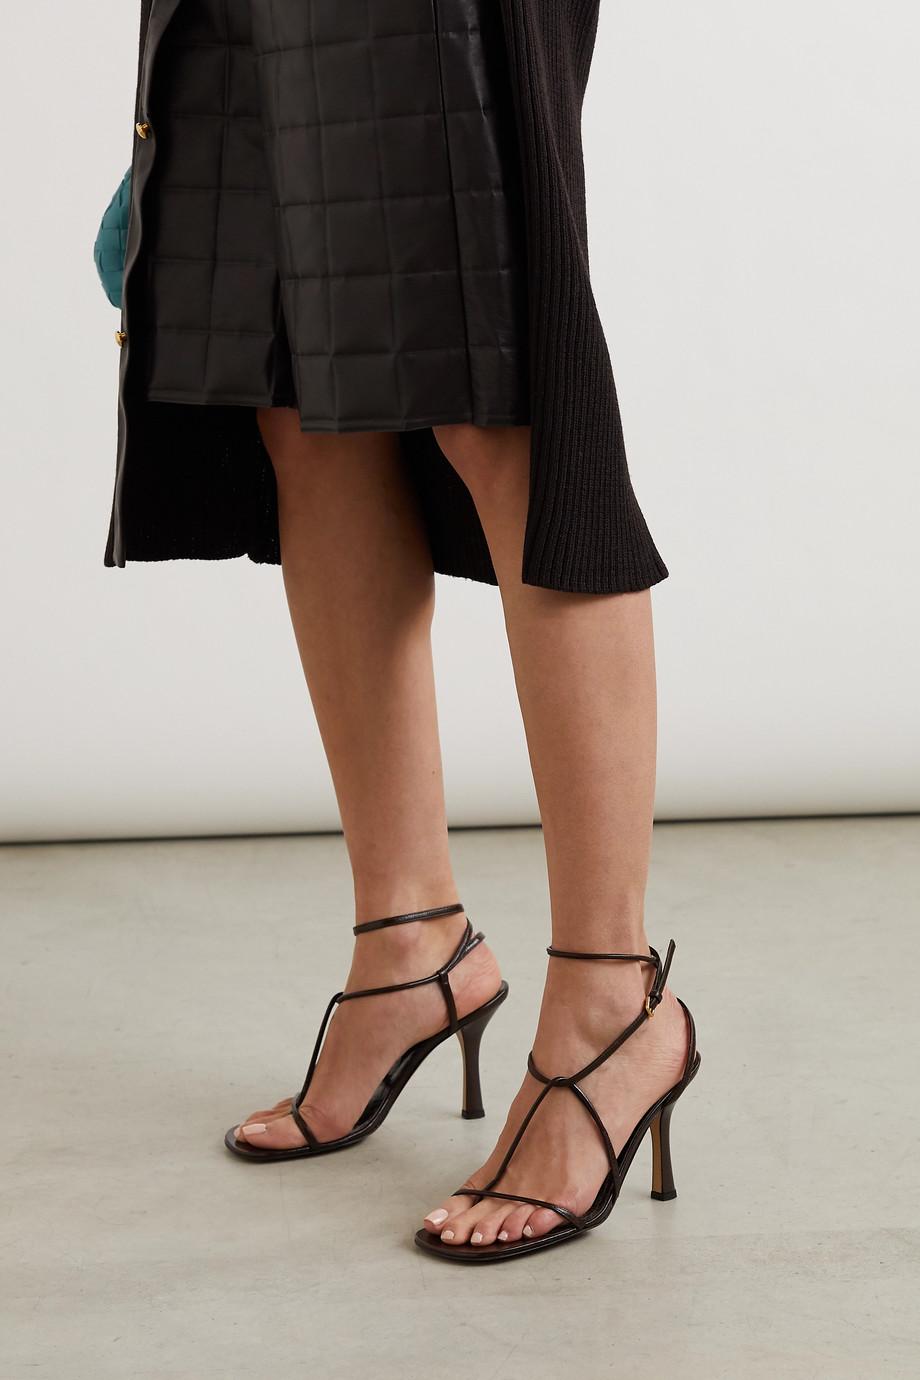 Bottega Veneta 皮革凉鞋